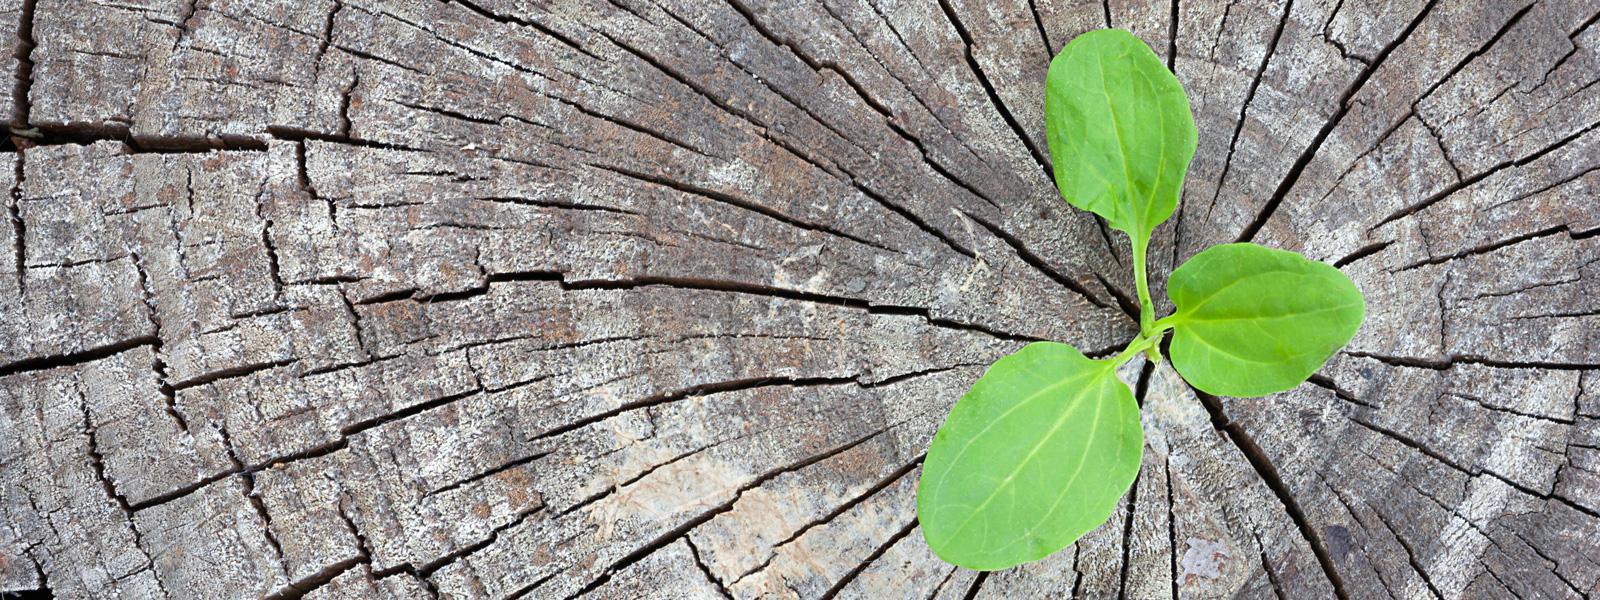 Umweltfreundliche Druckmedien – grüner Pflanztrieb in Baumstumpf